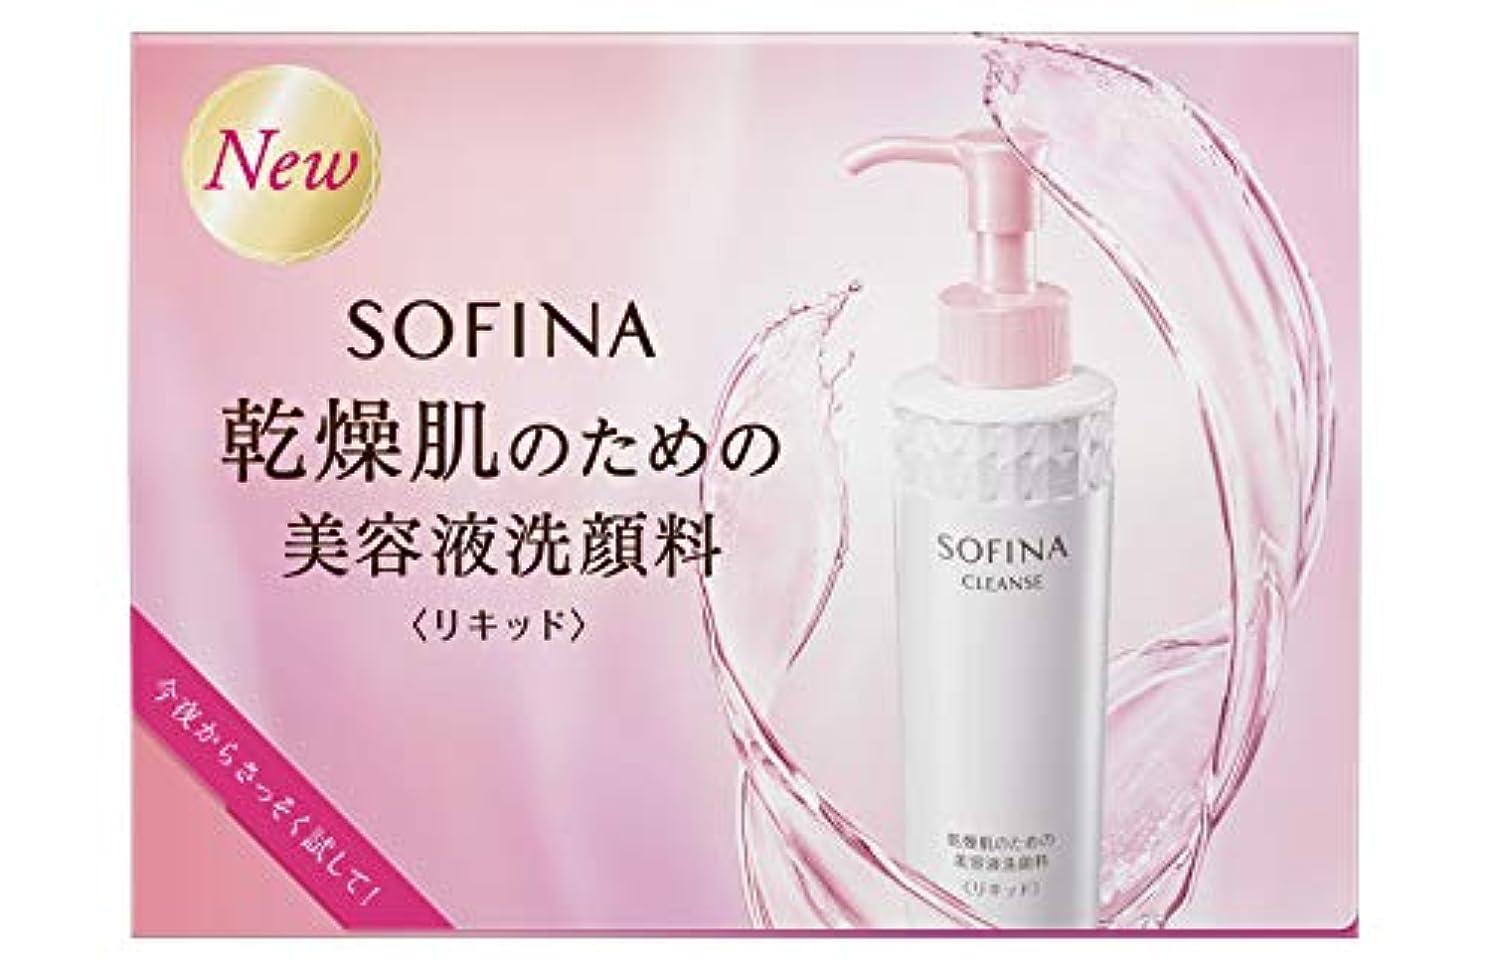 単調な流用するブリリアントソフィーナ 乾燥肌のための美容液洗顔料(リキッド) お試しピロー 2ml×2 【実質無料サンプルストア対象】